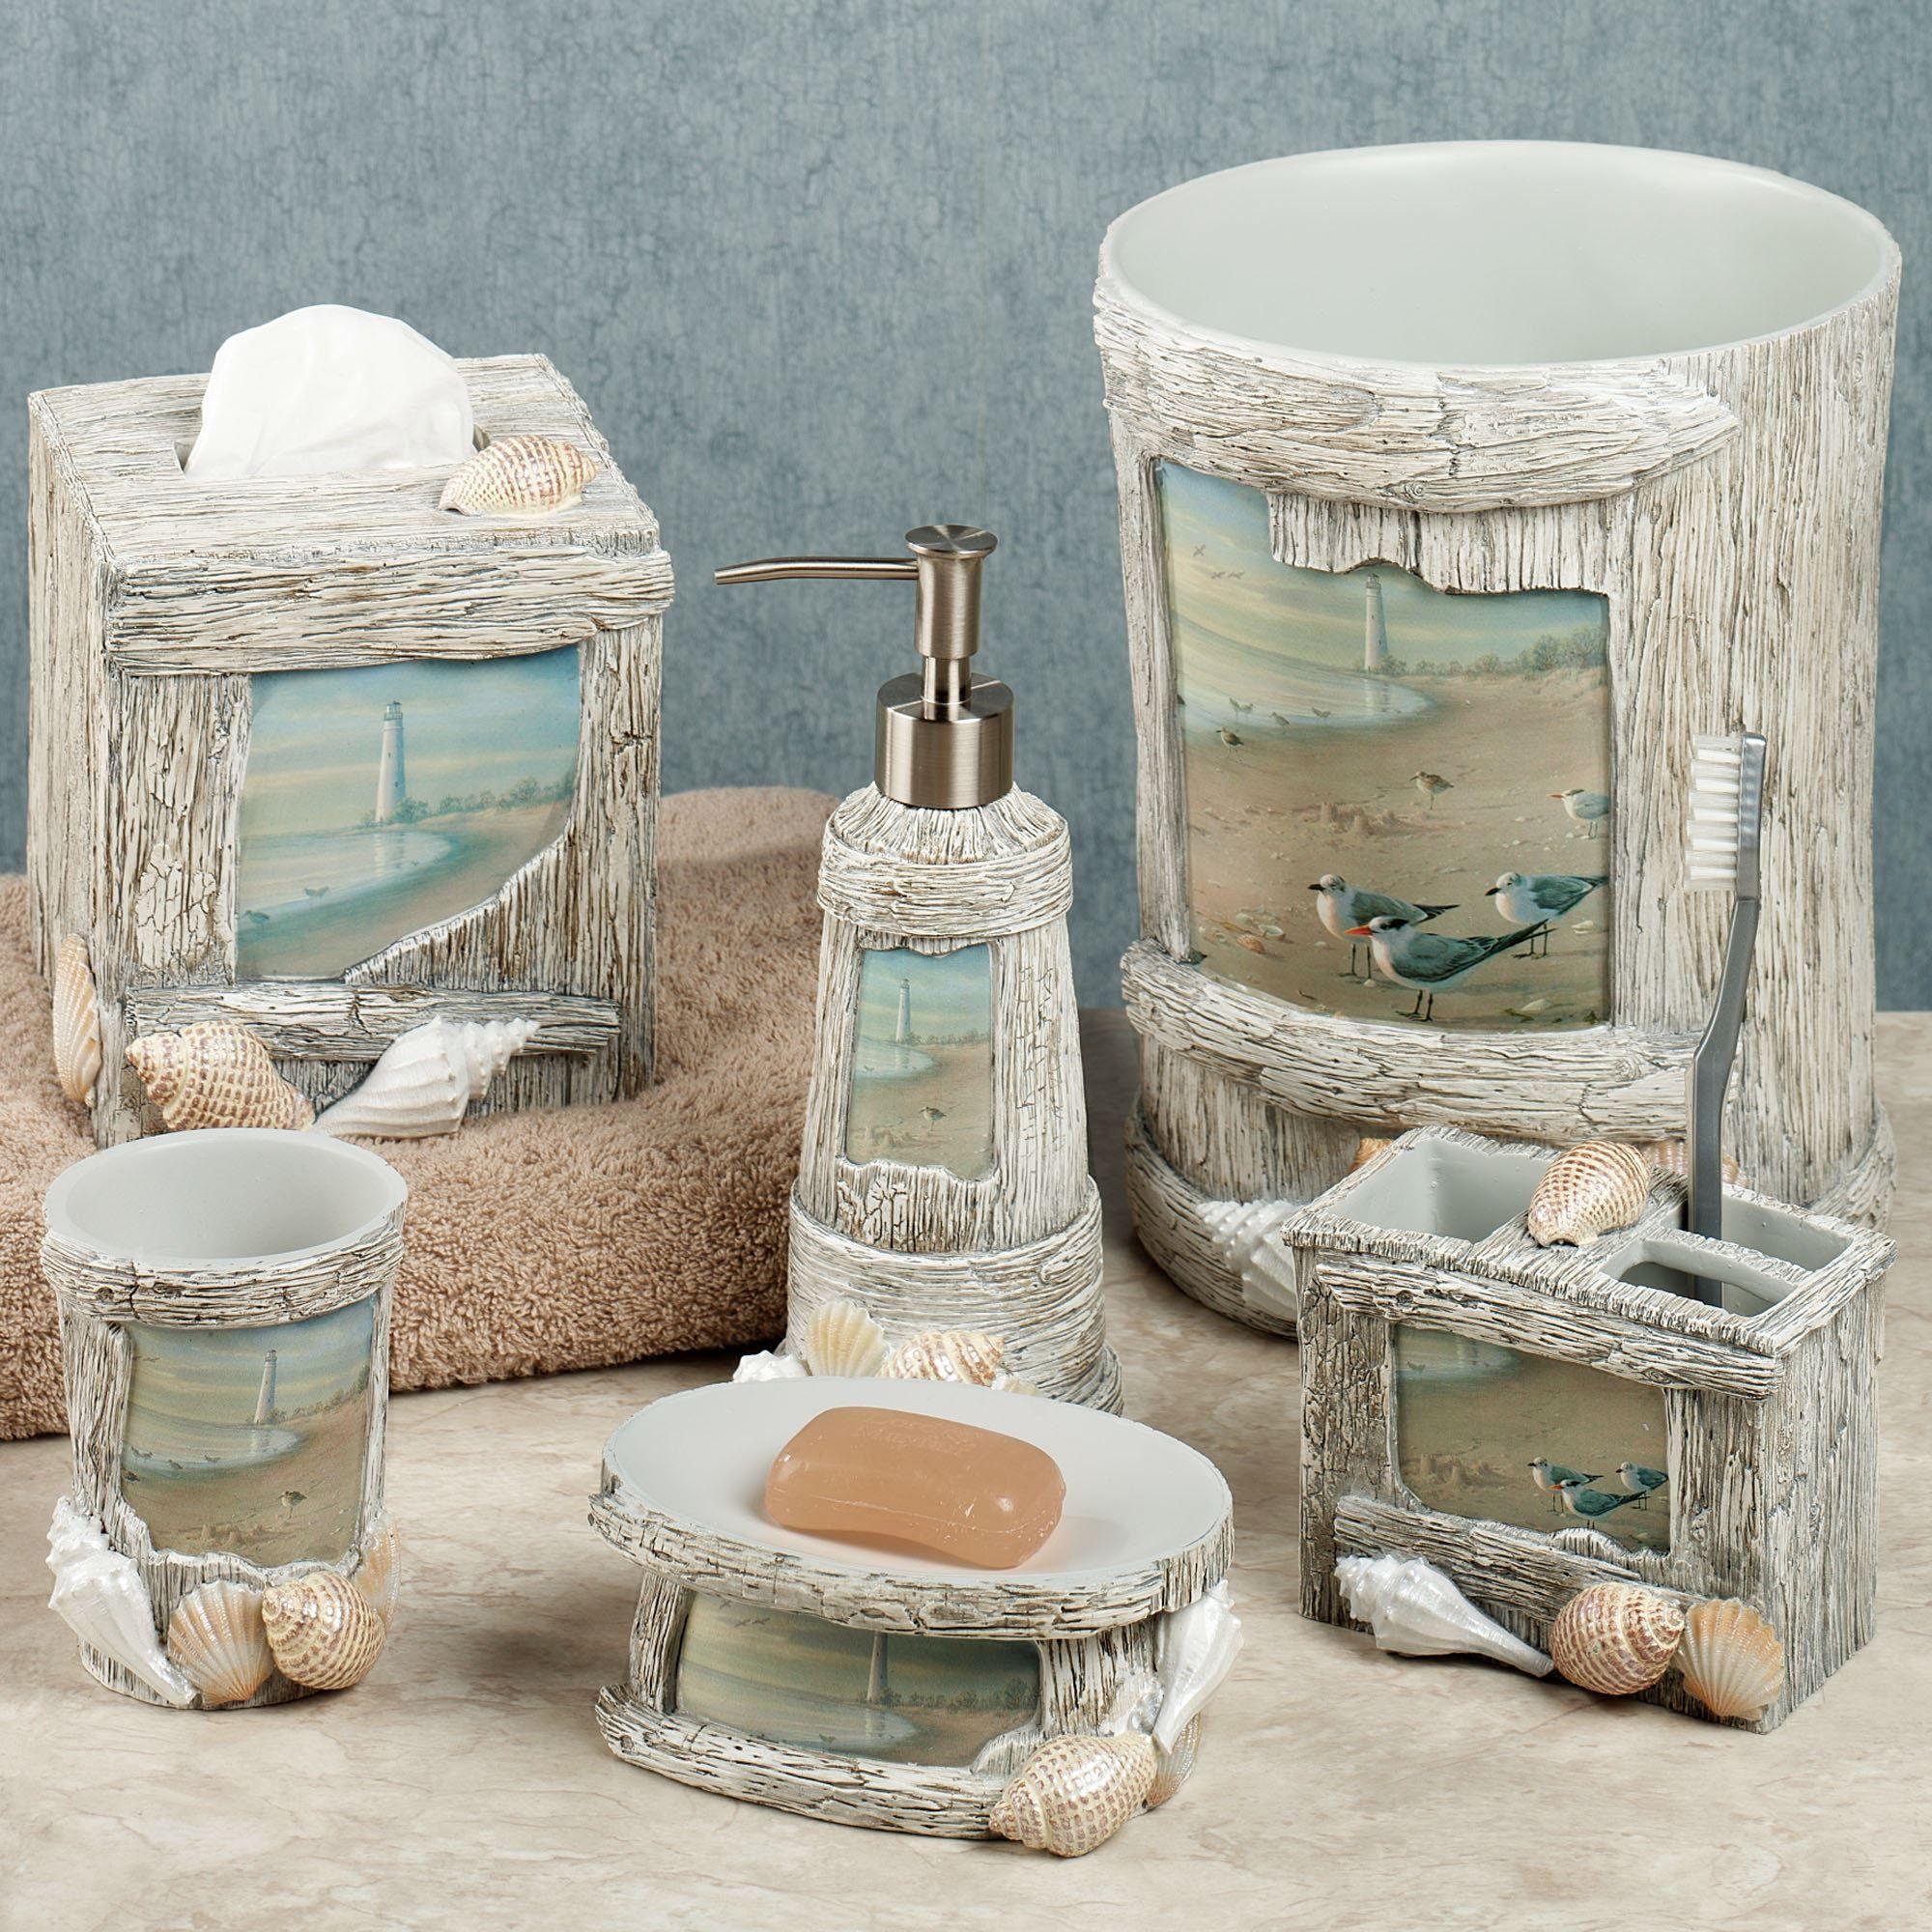 bath decor   home bath bath accessories at the beach bath